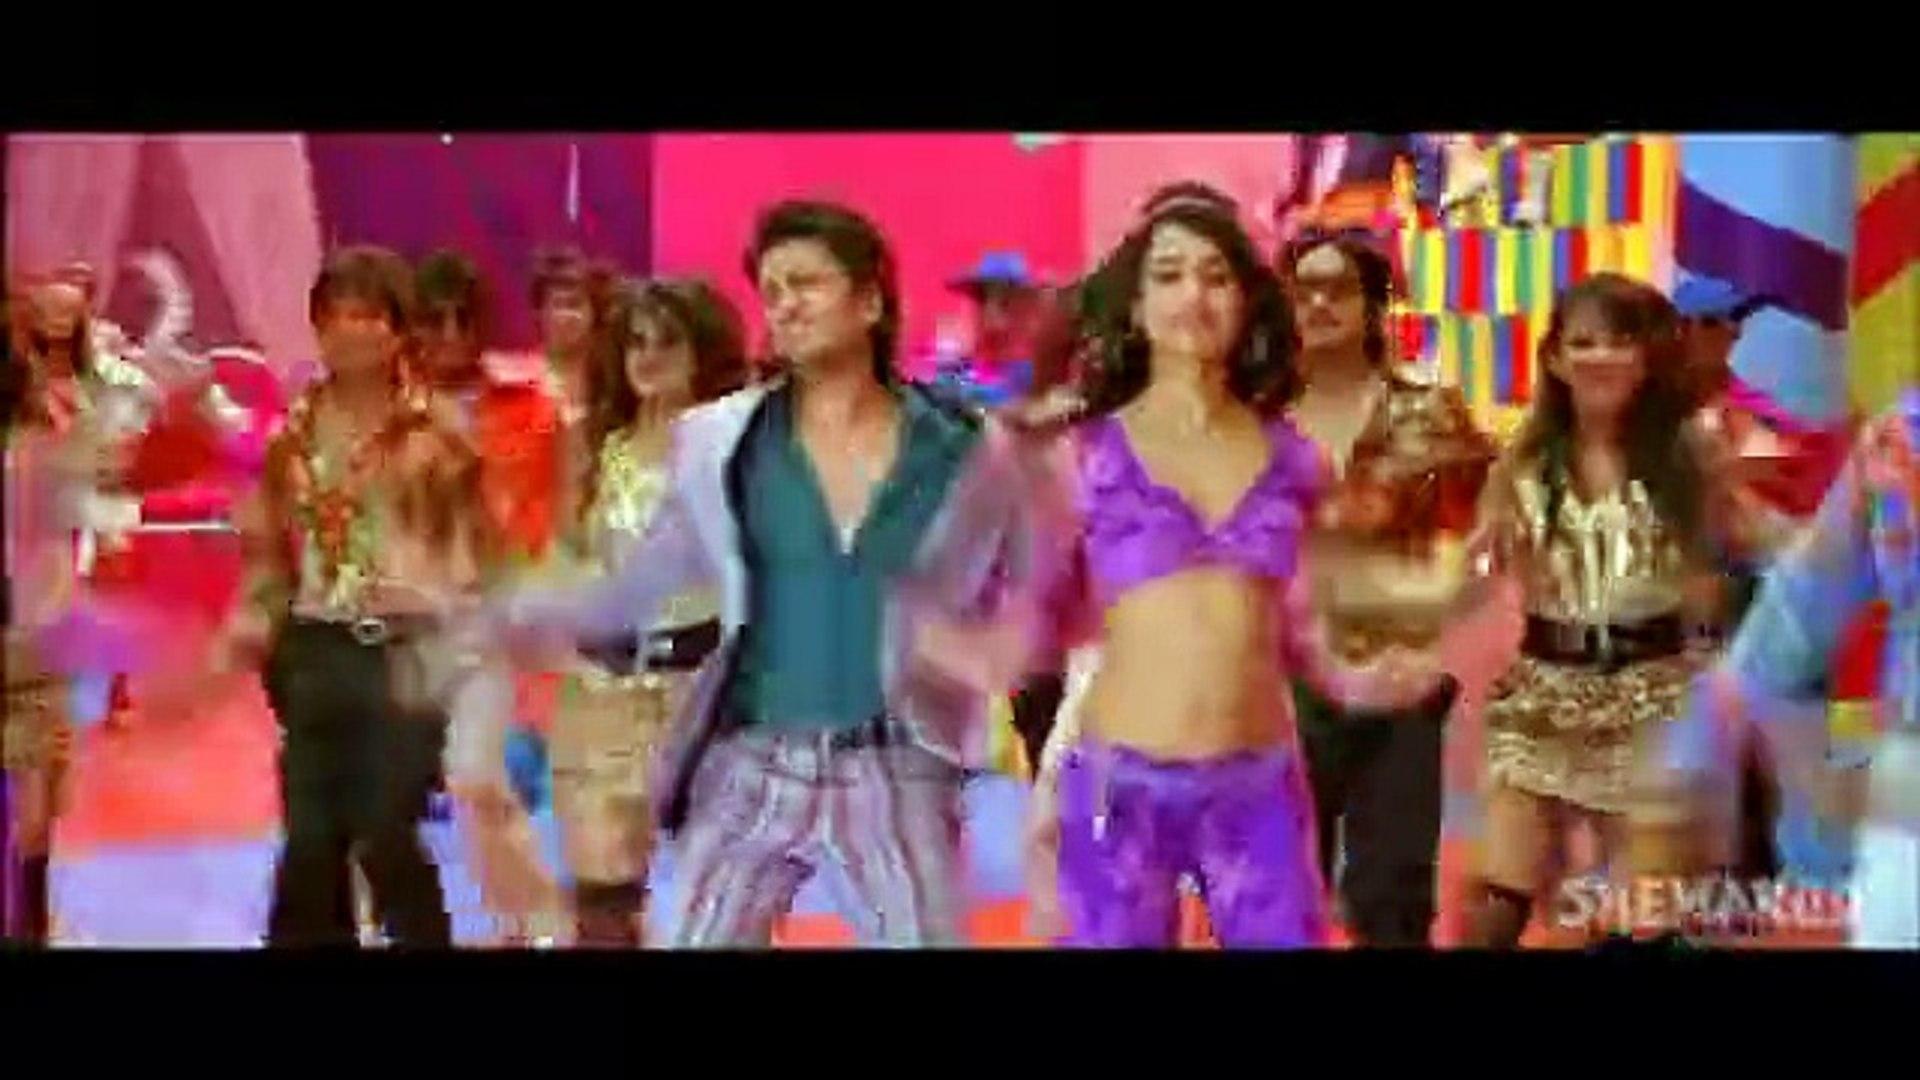 Kyaa Super Kool Hain Hum (2012) - Hindi Comedy Movie - Ritesh Deshmukh - Tushar Kapoor - Neha Sharma